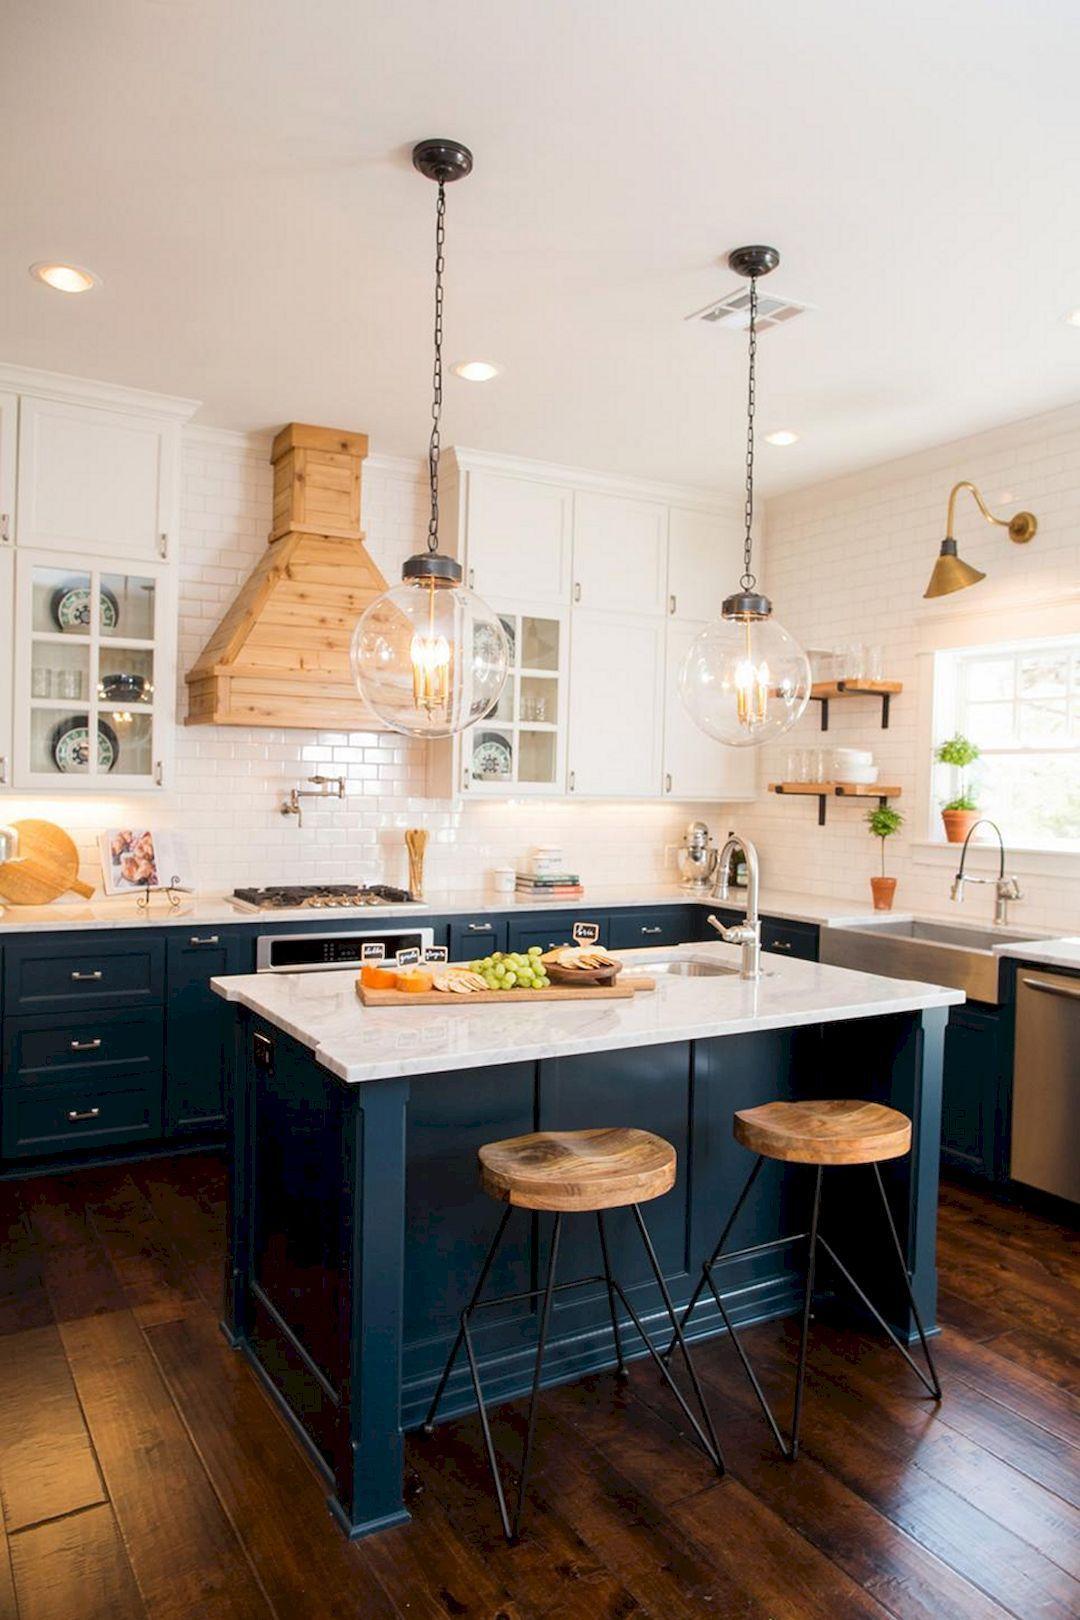 Best Kitchen Design Inspiration By Joanna Gaines 39